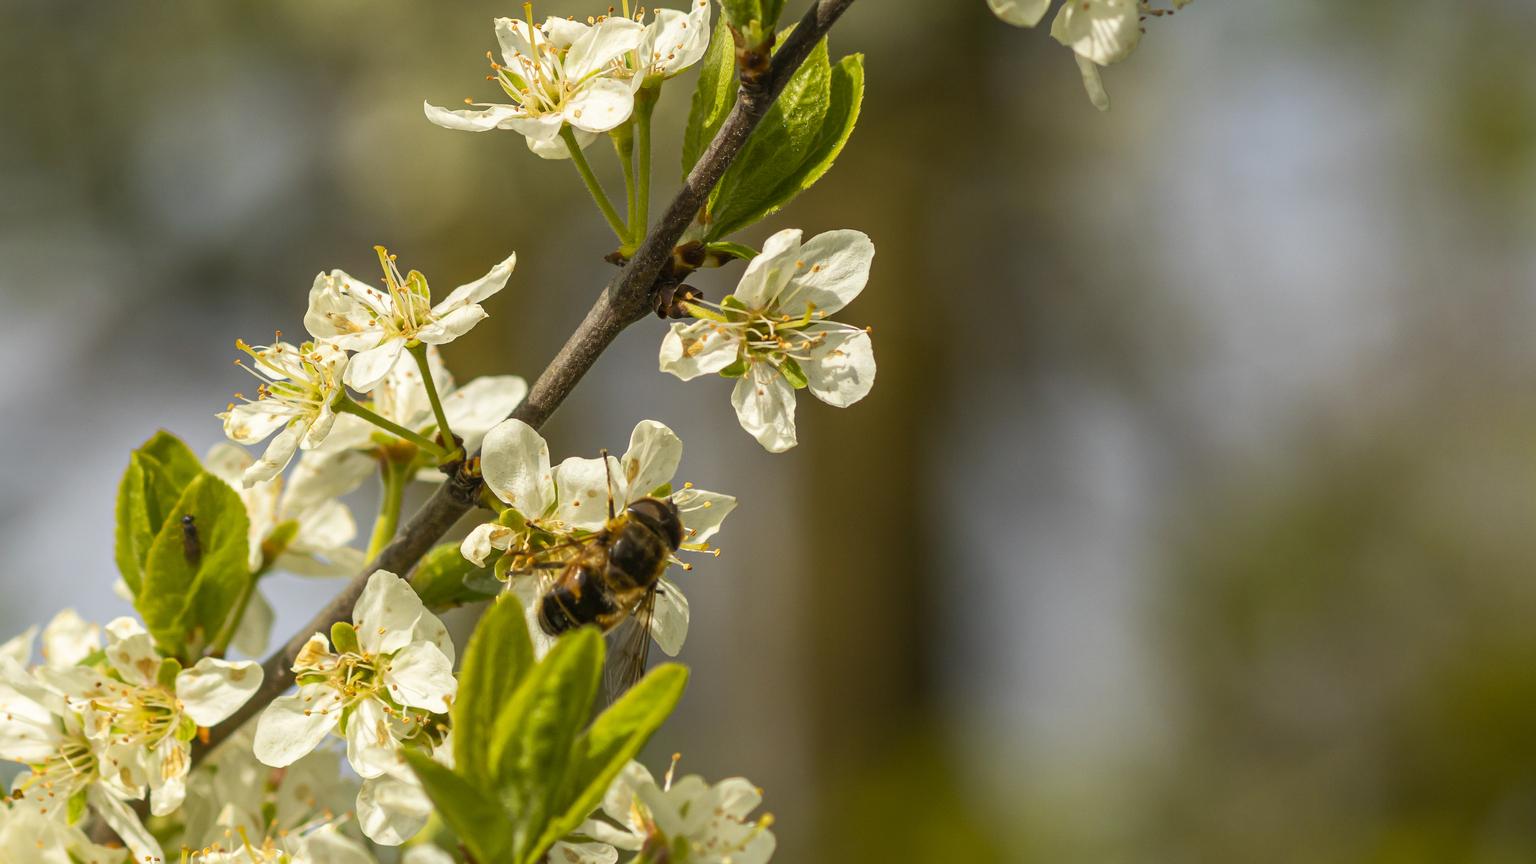 Bij - Deze bij was, ondanks de lage temperatuur (ca 7 gr), al druk bezig met het verzamelen van honing - foto door Wallie54 op 11-04-2021 - deze foto bevat: bij, bloesem, nectar, april, bloem, fabriek, bestuiver, insect, bloemblaadje, geleedpotigen, takje, struik, bloesem, bloeiende plant